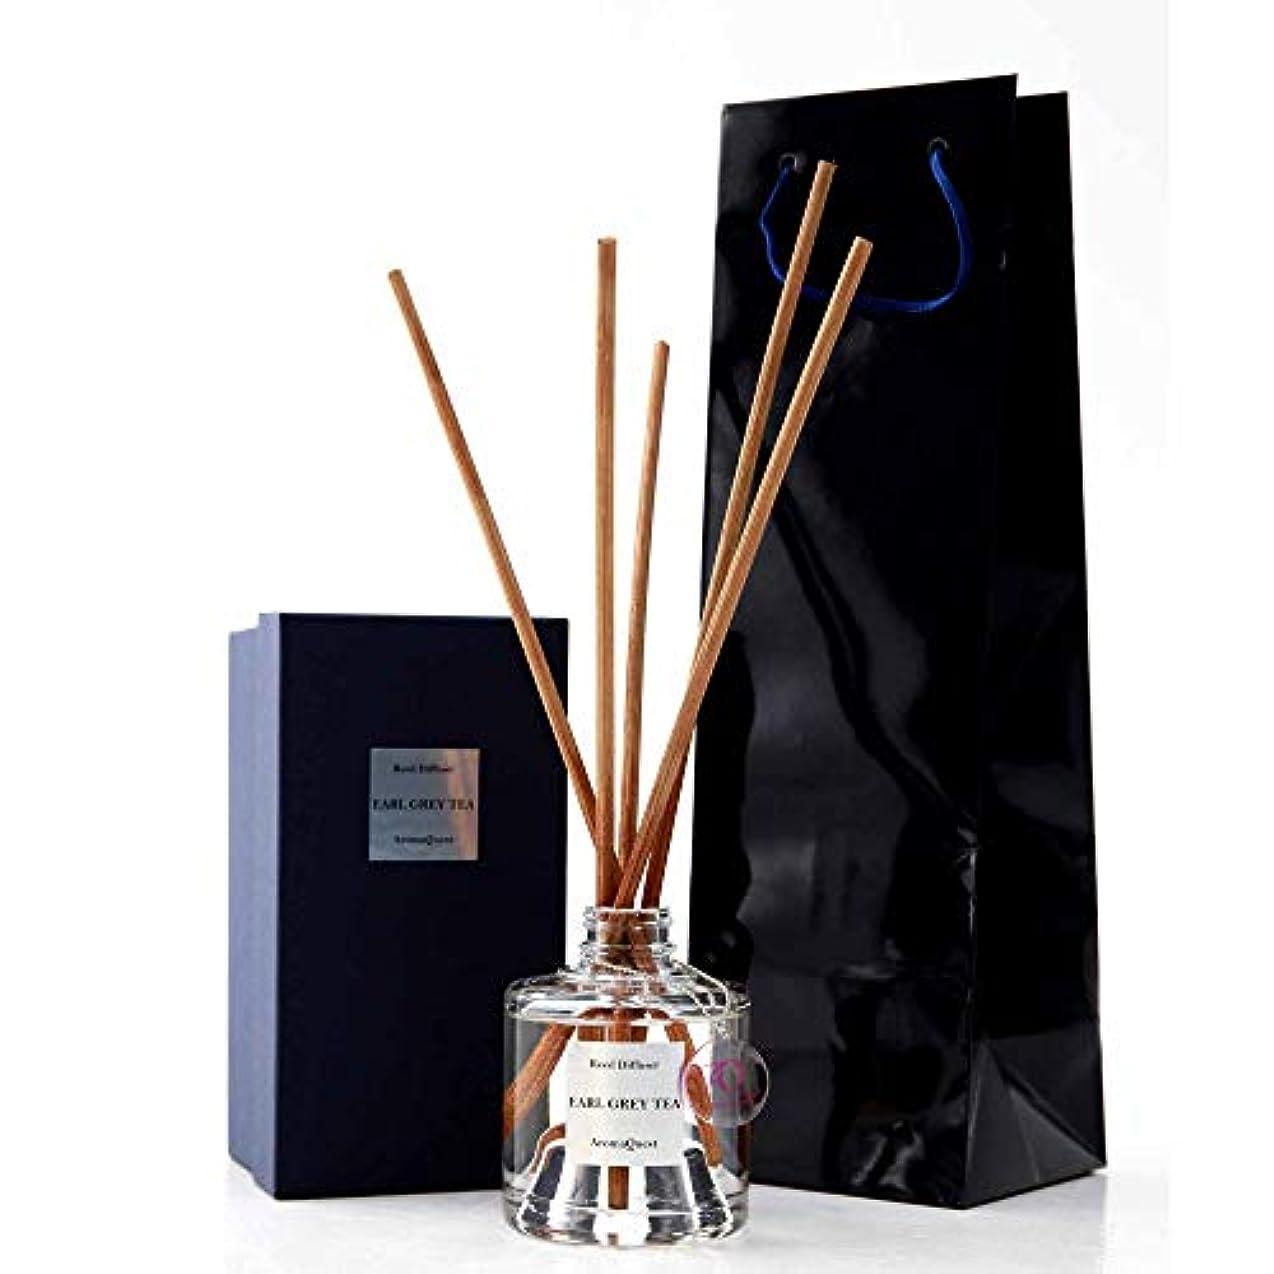 ブランクそれから着実にルームフレグランス リードディフューザー アロマディフューザー 150ml アールグレイティー EARL GREY TEA 紅茶の香り